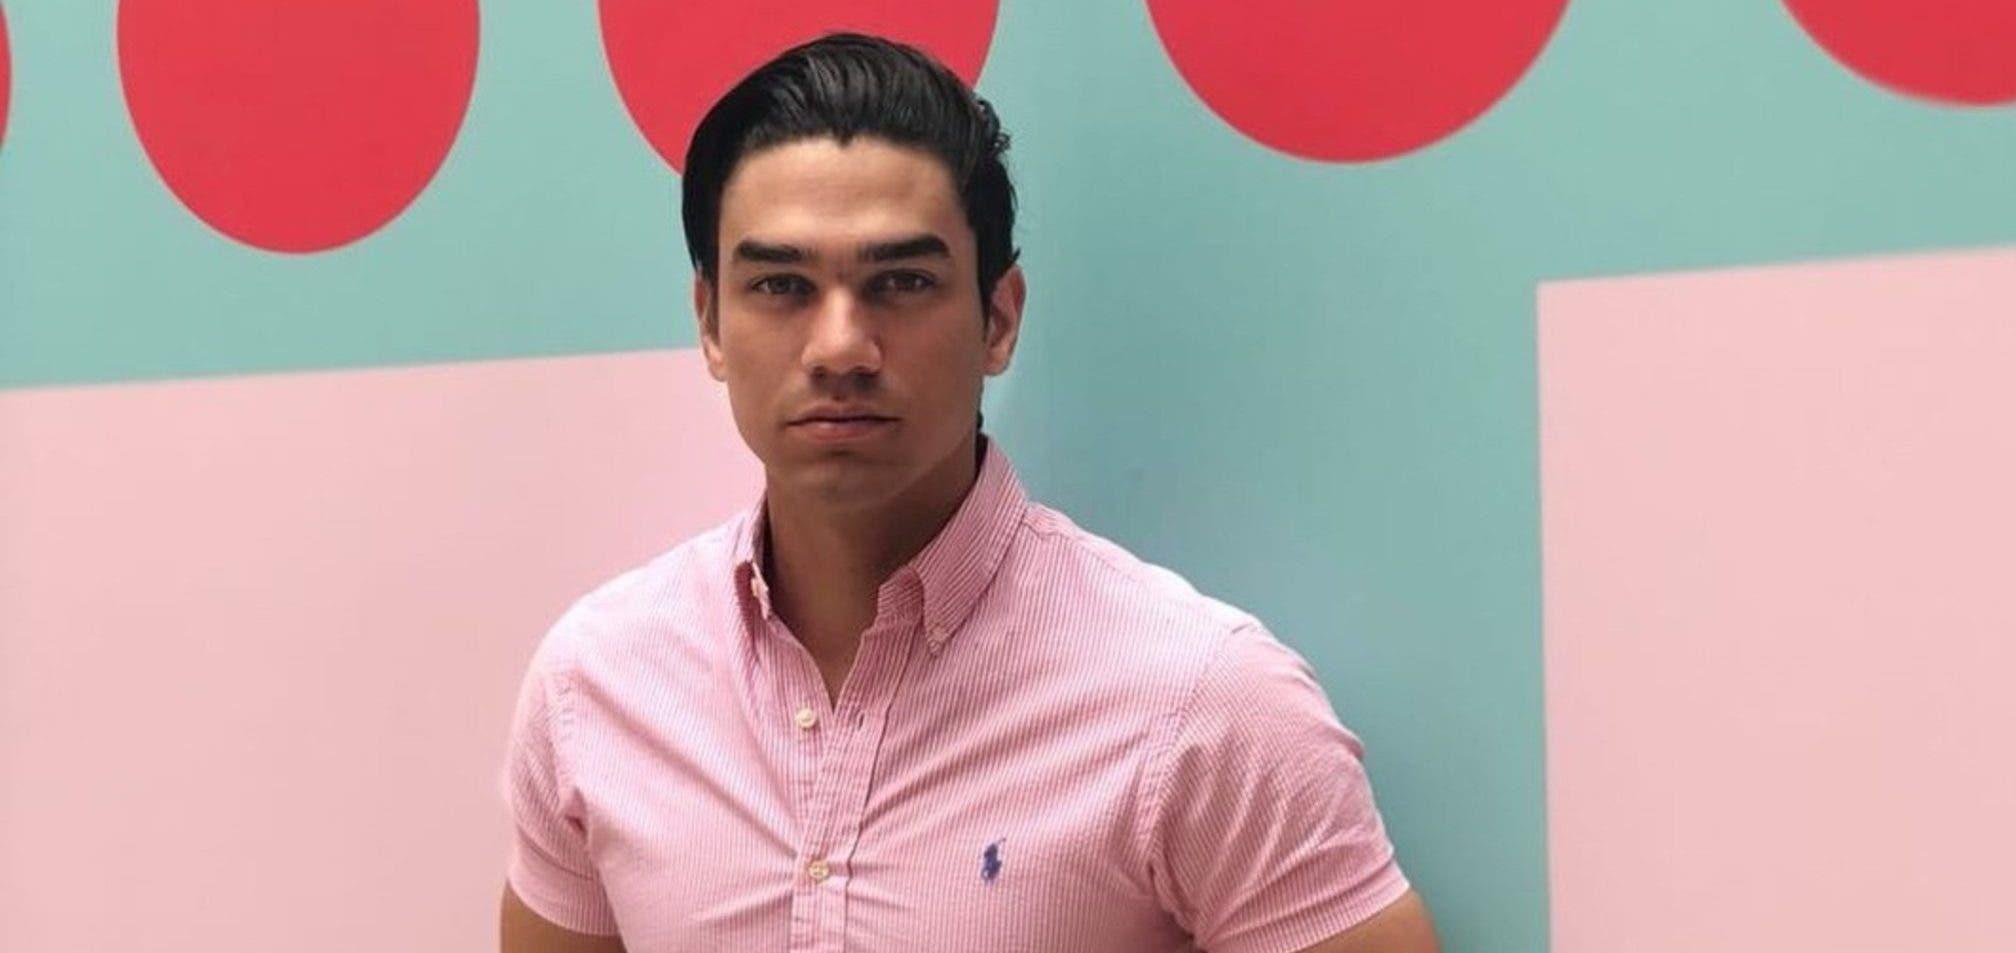 Iván Oleaga, un actor dominicano que triunfa en el cine internacional